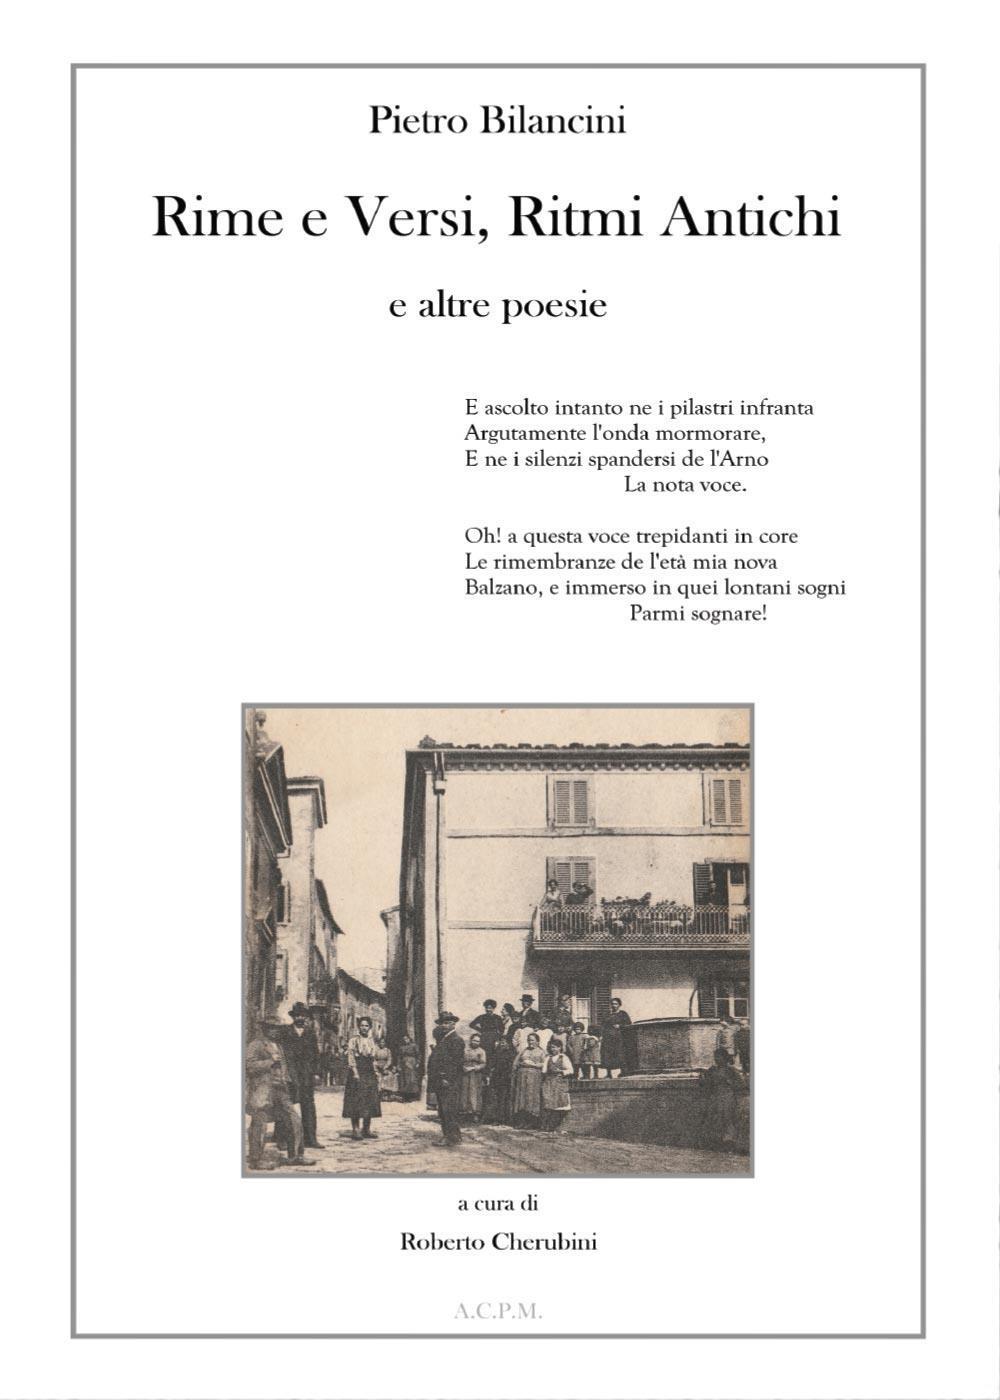 Pietro Bilancini. Rime e Versi, Ritmi Antichi e altre poesie